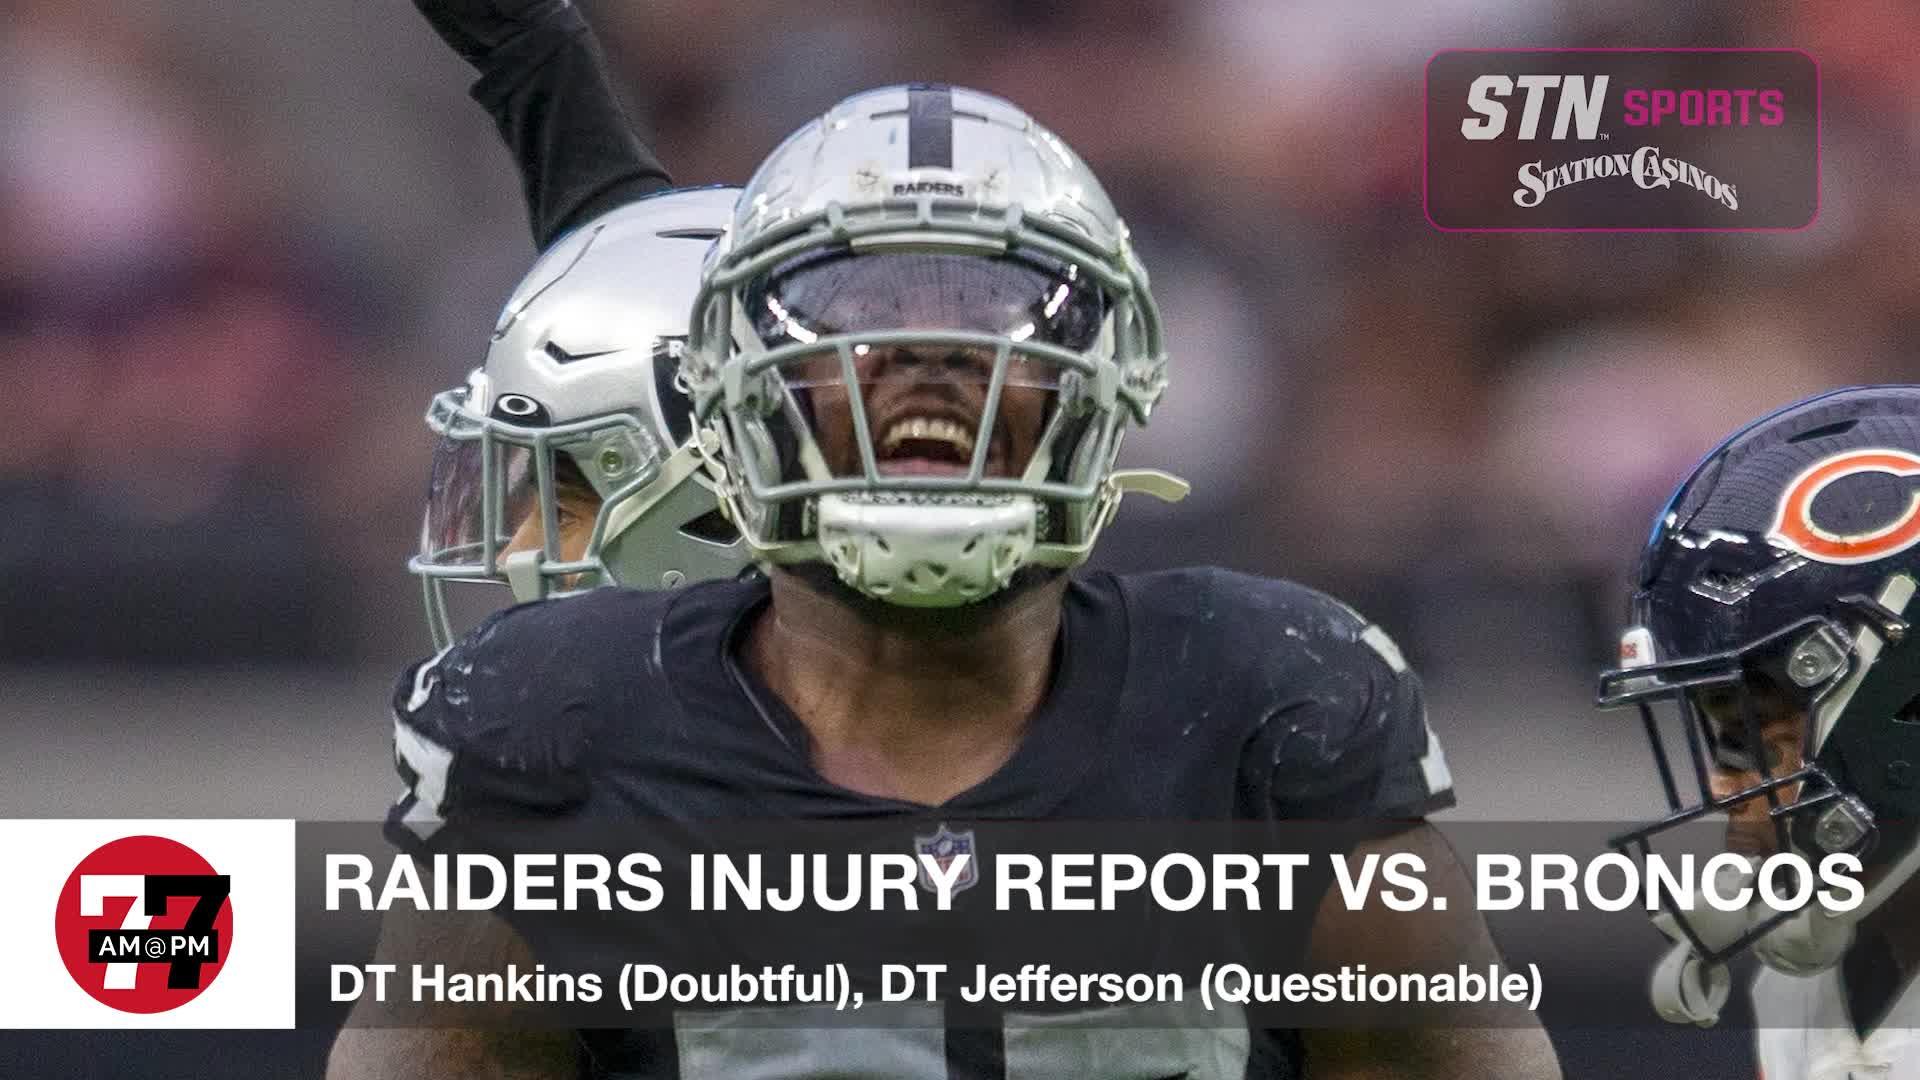 7@7PM Raiders Injury Report